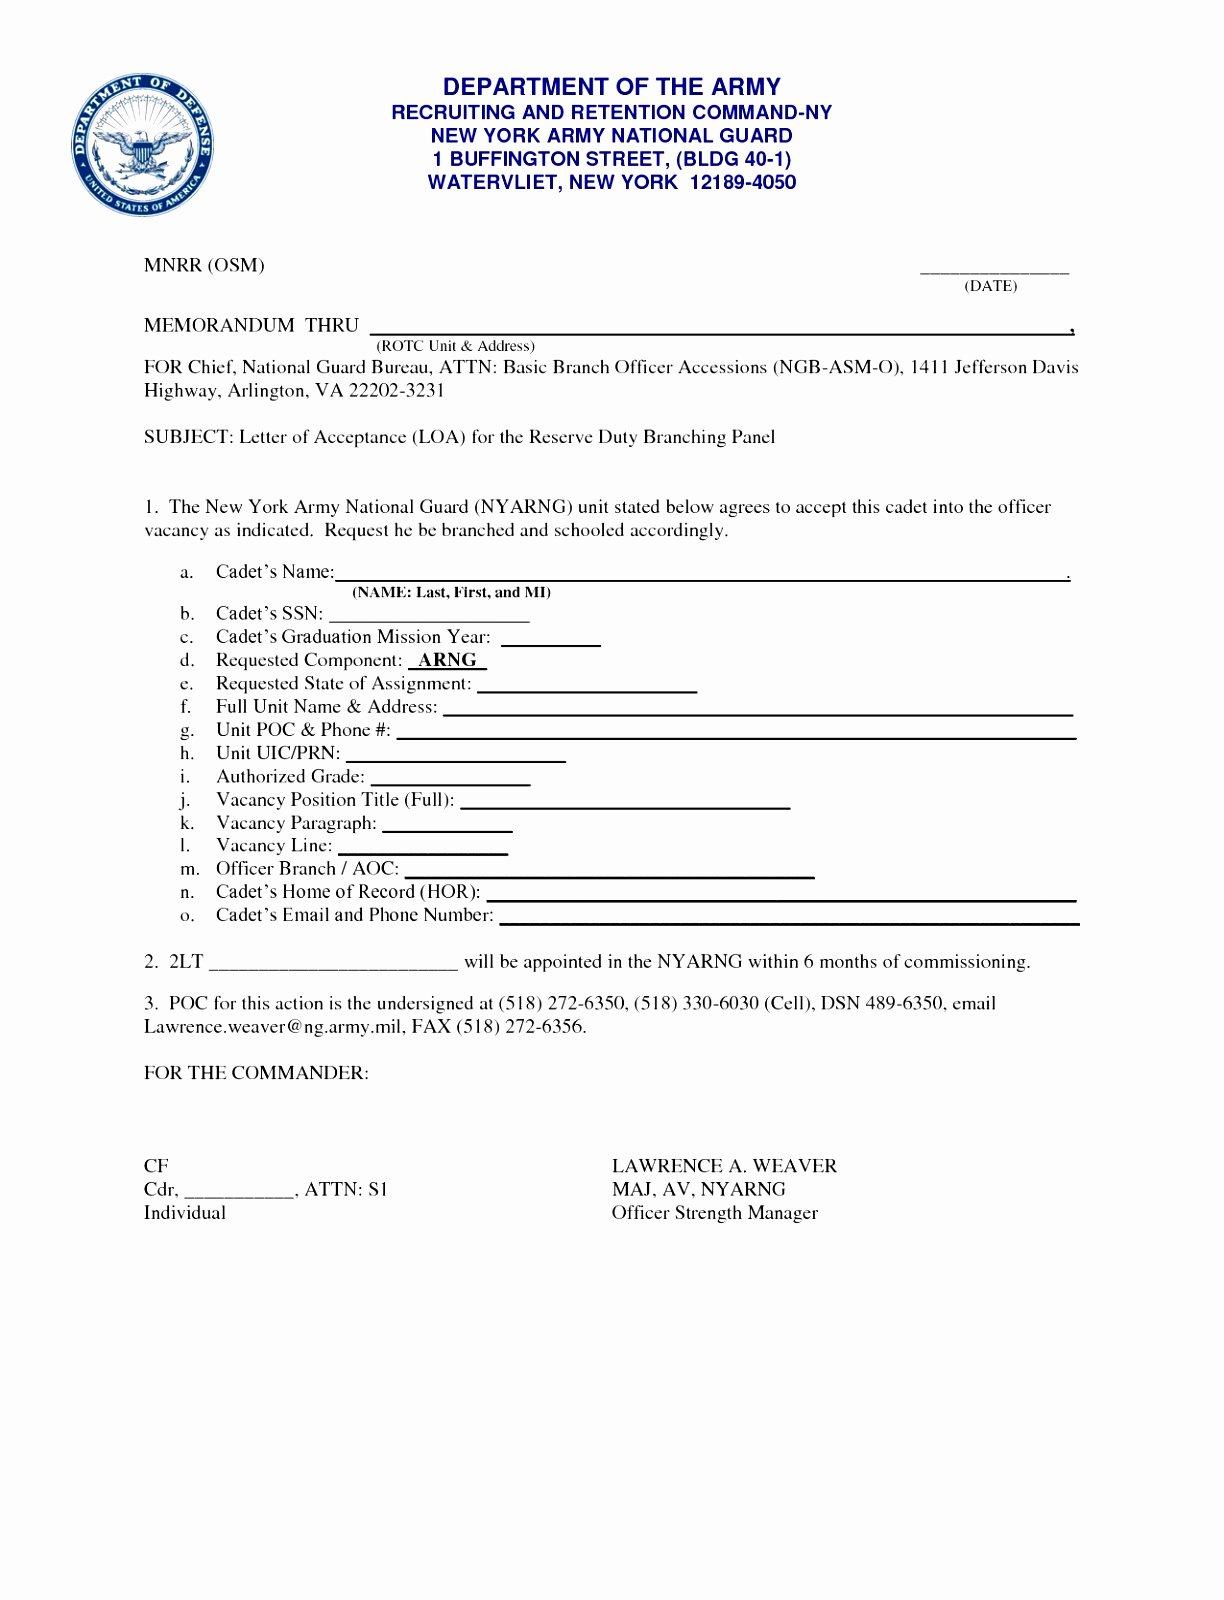 Memorandum Of Record Template Elegant 7 Army Memorandum for Record Template Word Awruy